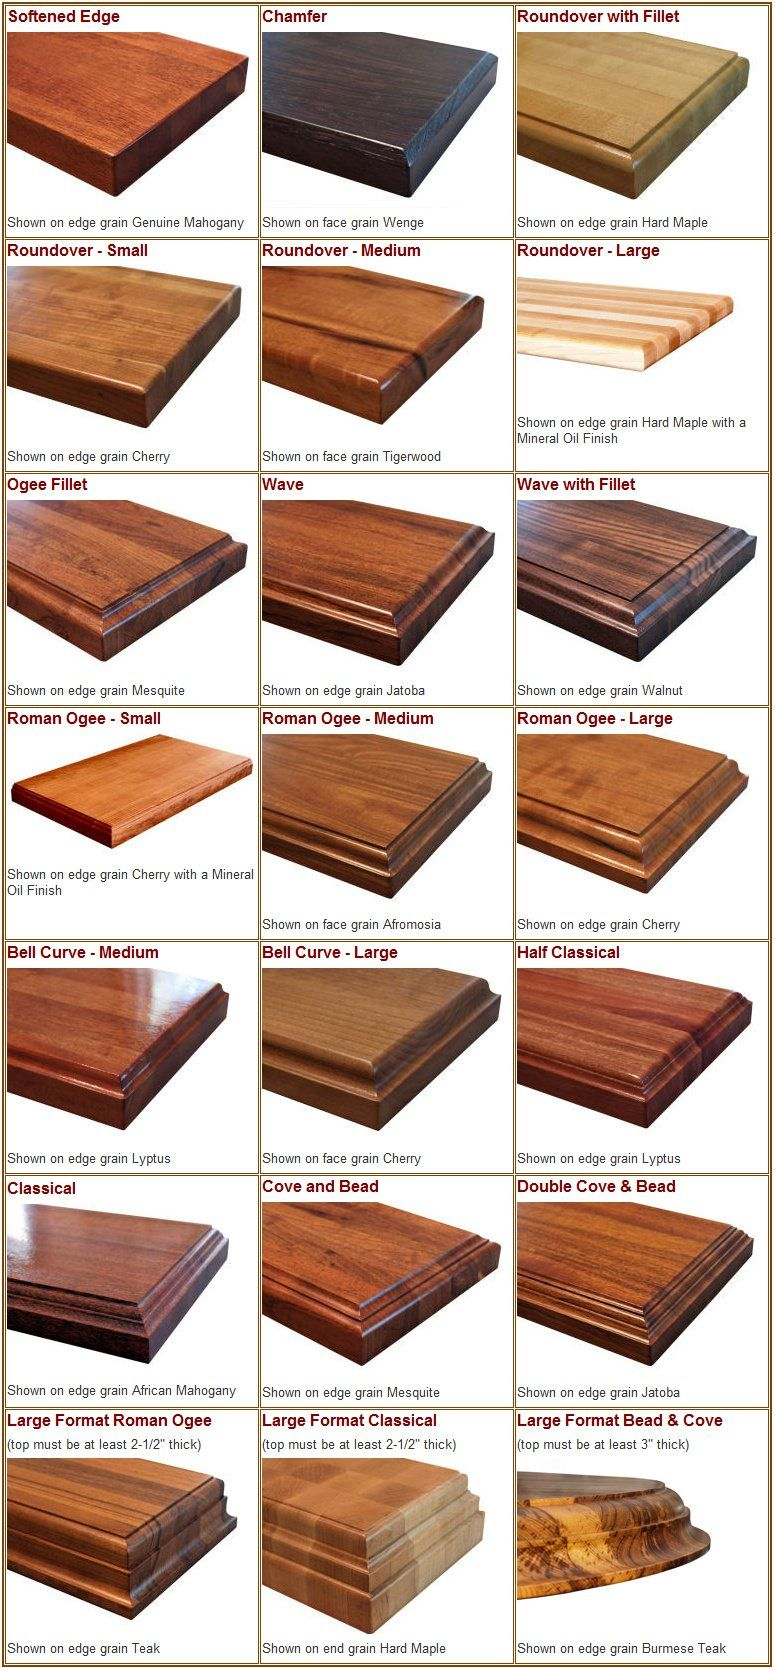 69770ae2cda13ff7d6464508fa0bf552 Jpg 775 1668 Solid Wood